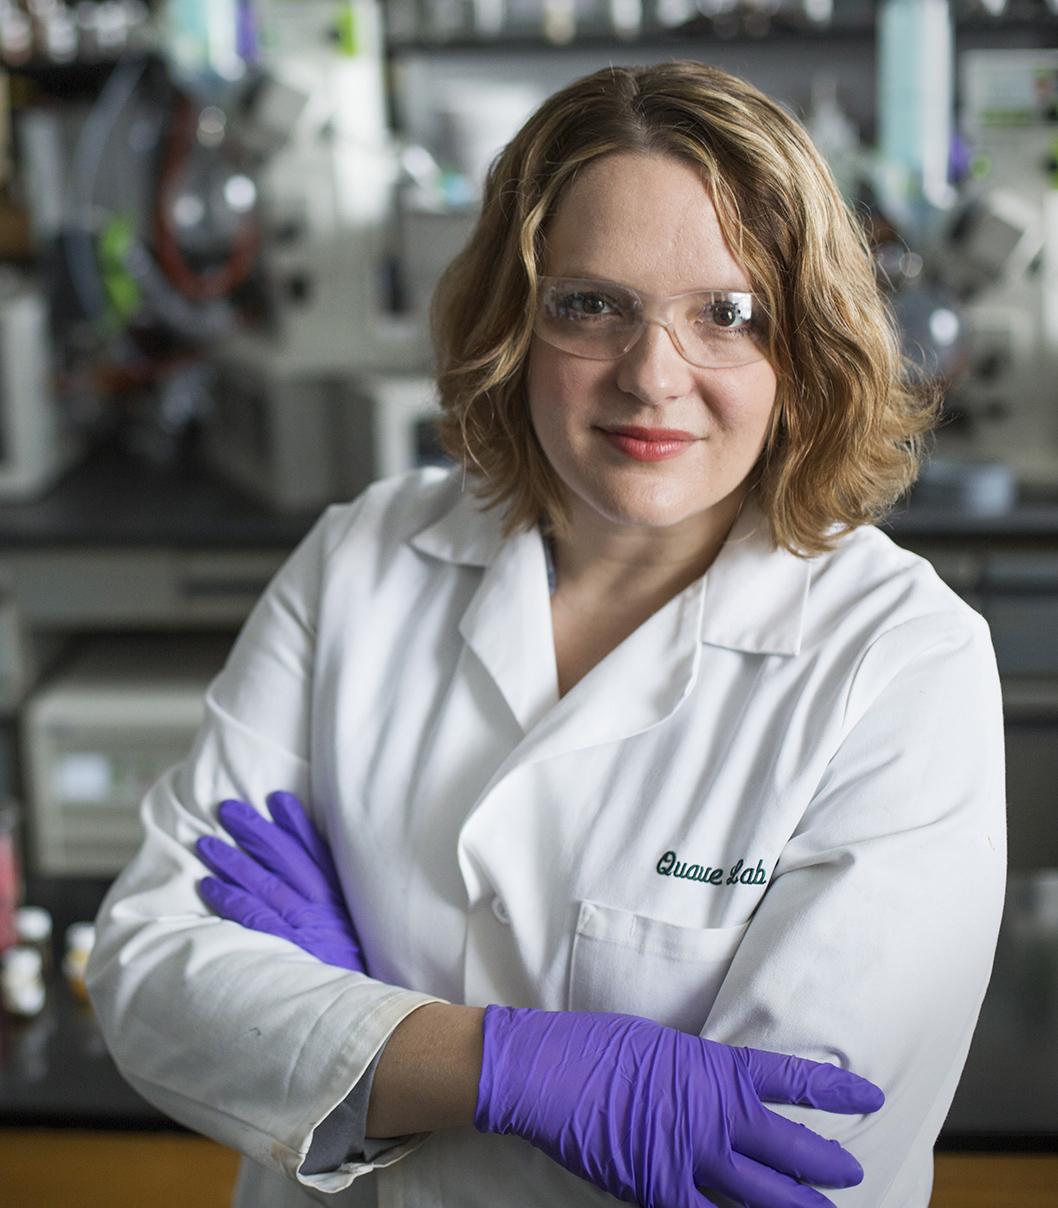 Cassandra Quave, Ph.D.